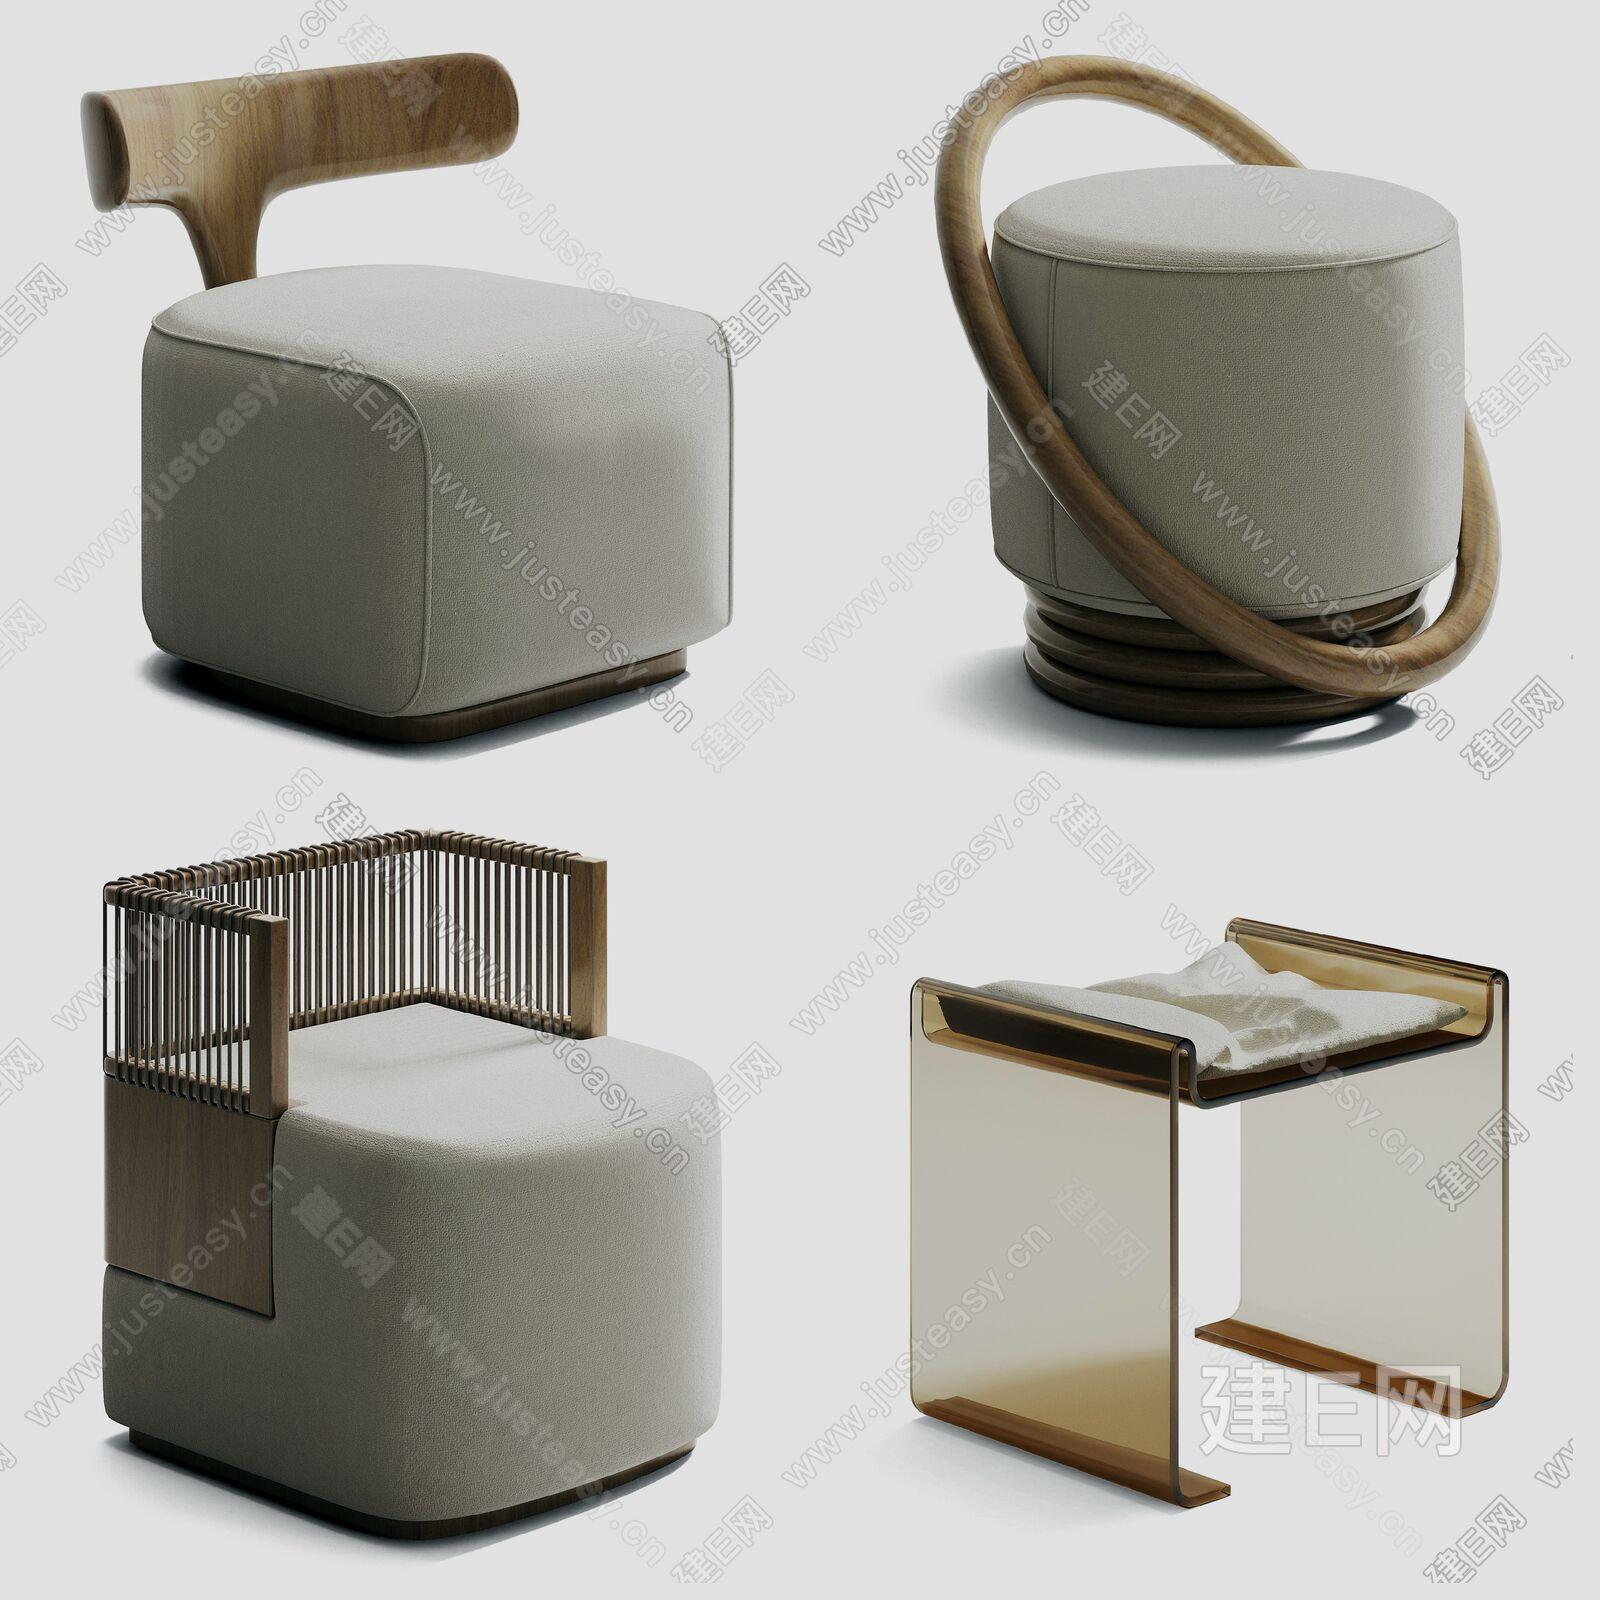 现代凳子组合sketchup模型